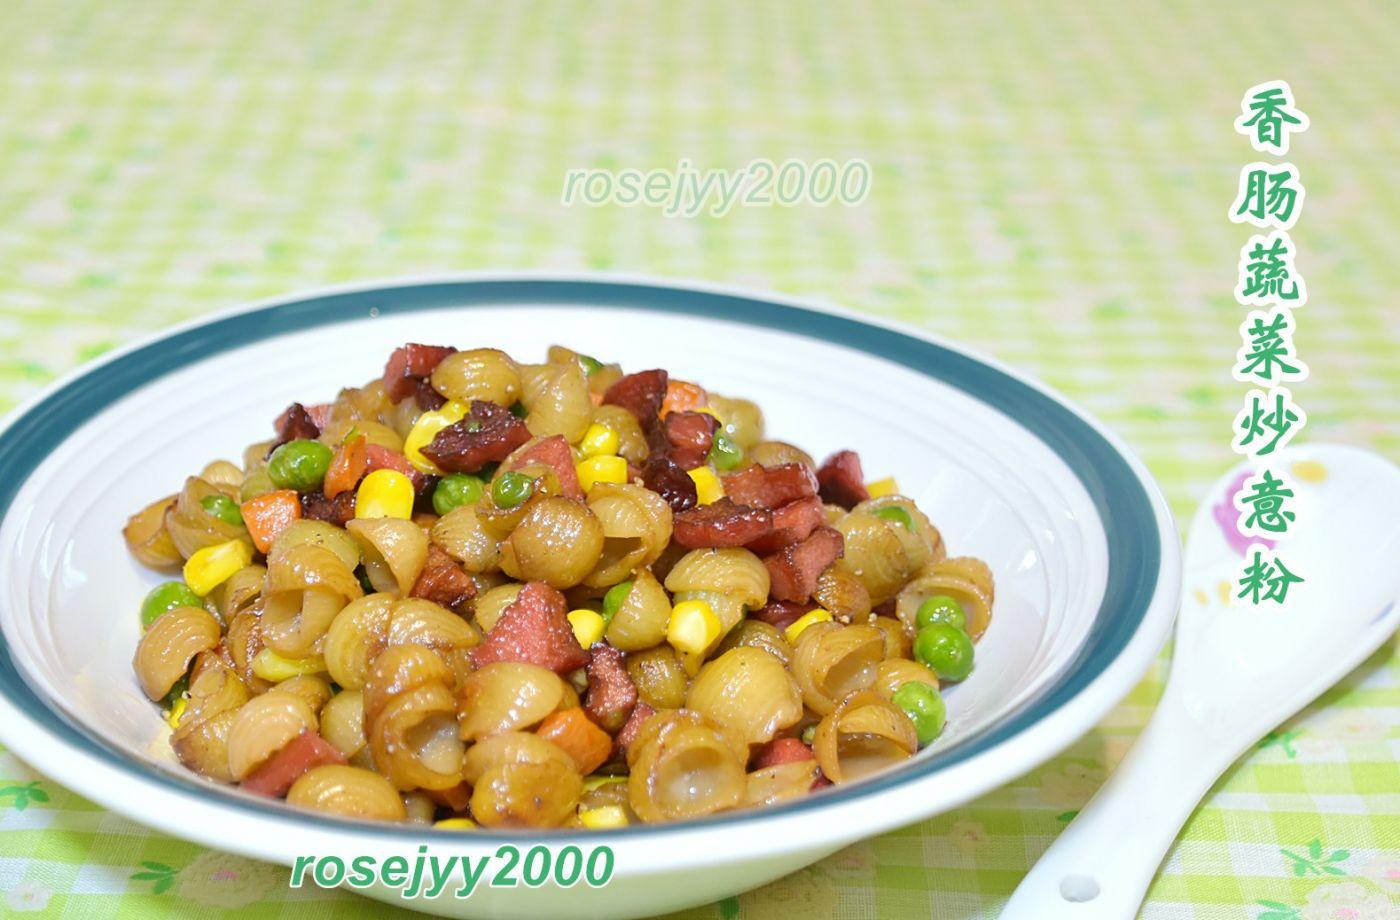 香肠蔬菜炒意粉_图1-1